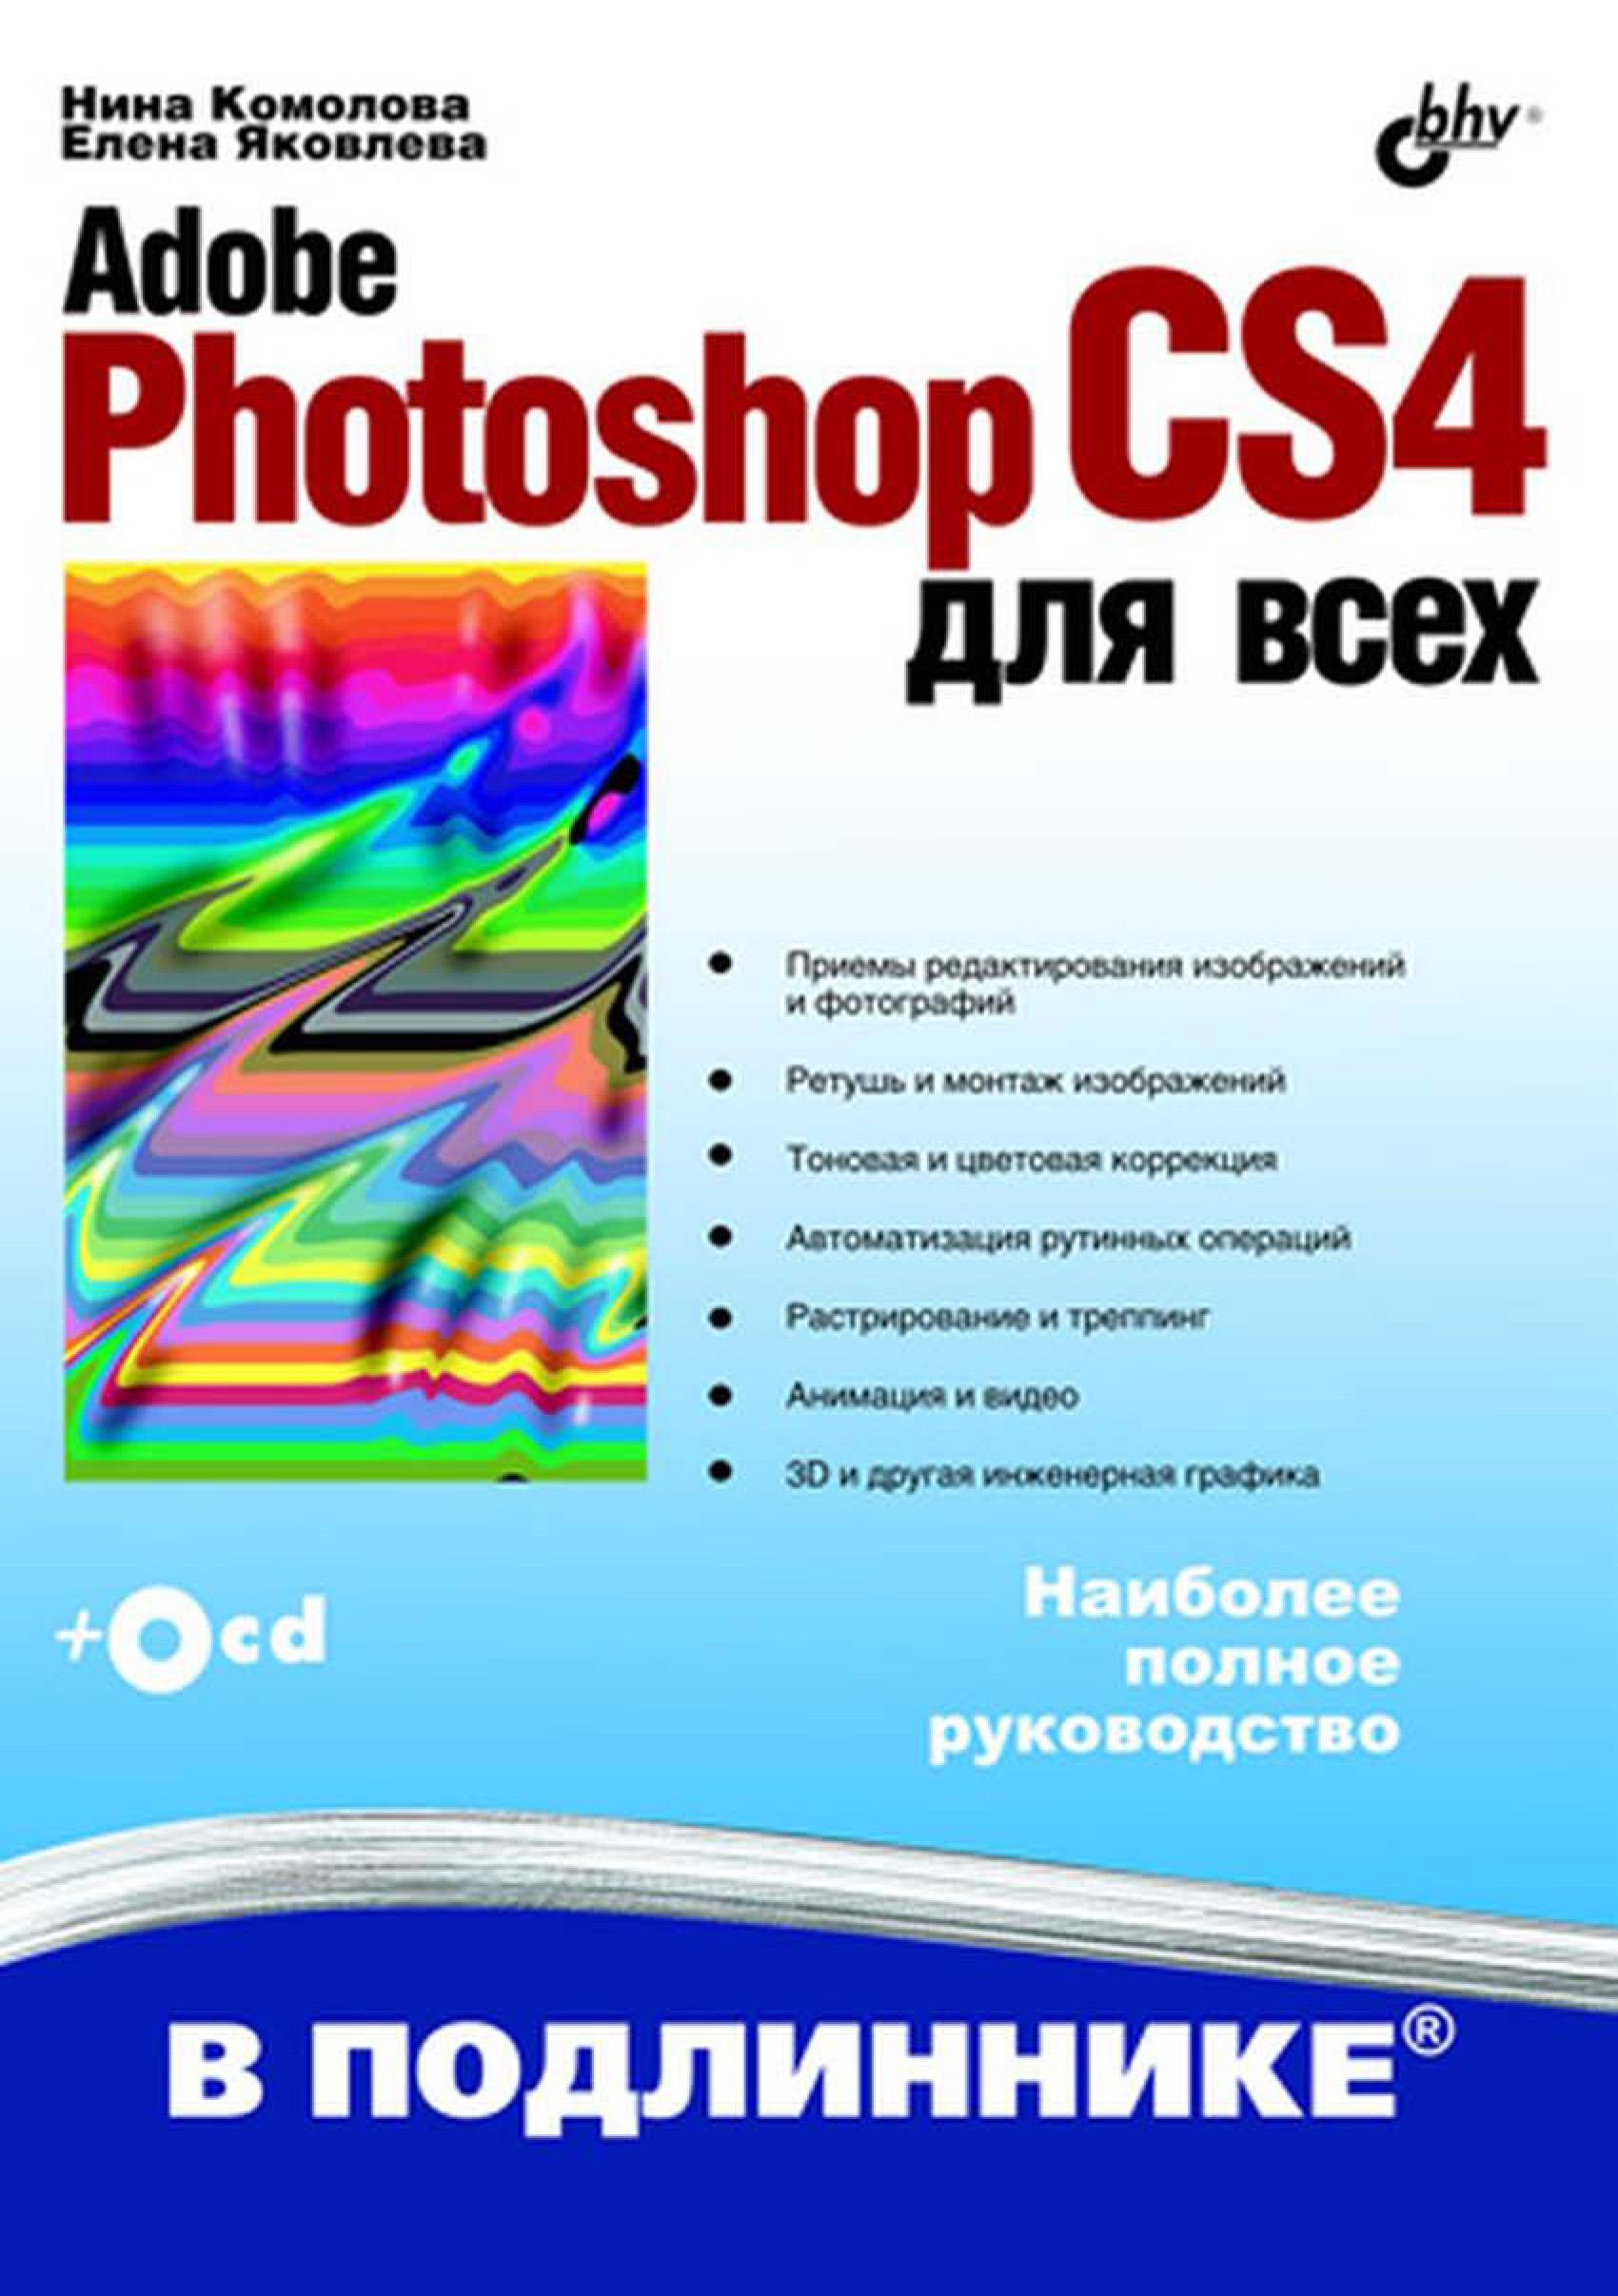 Нина Комолова Adobe Photoshop CS4 для всех видеосамоучитель photoshop cs4 cd